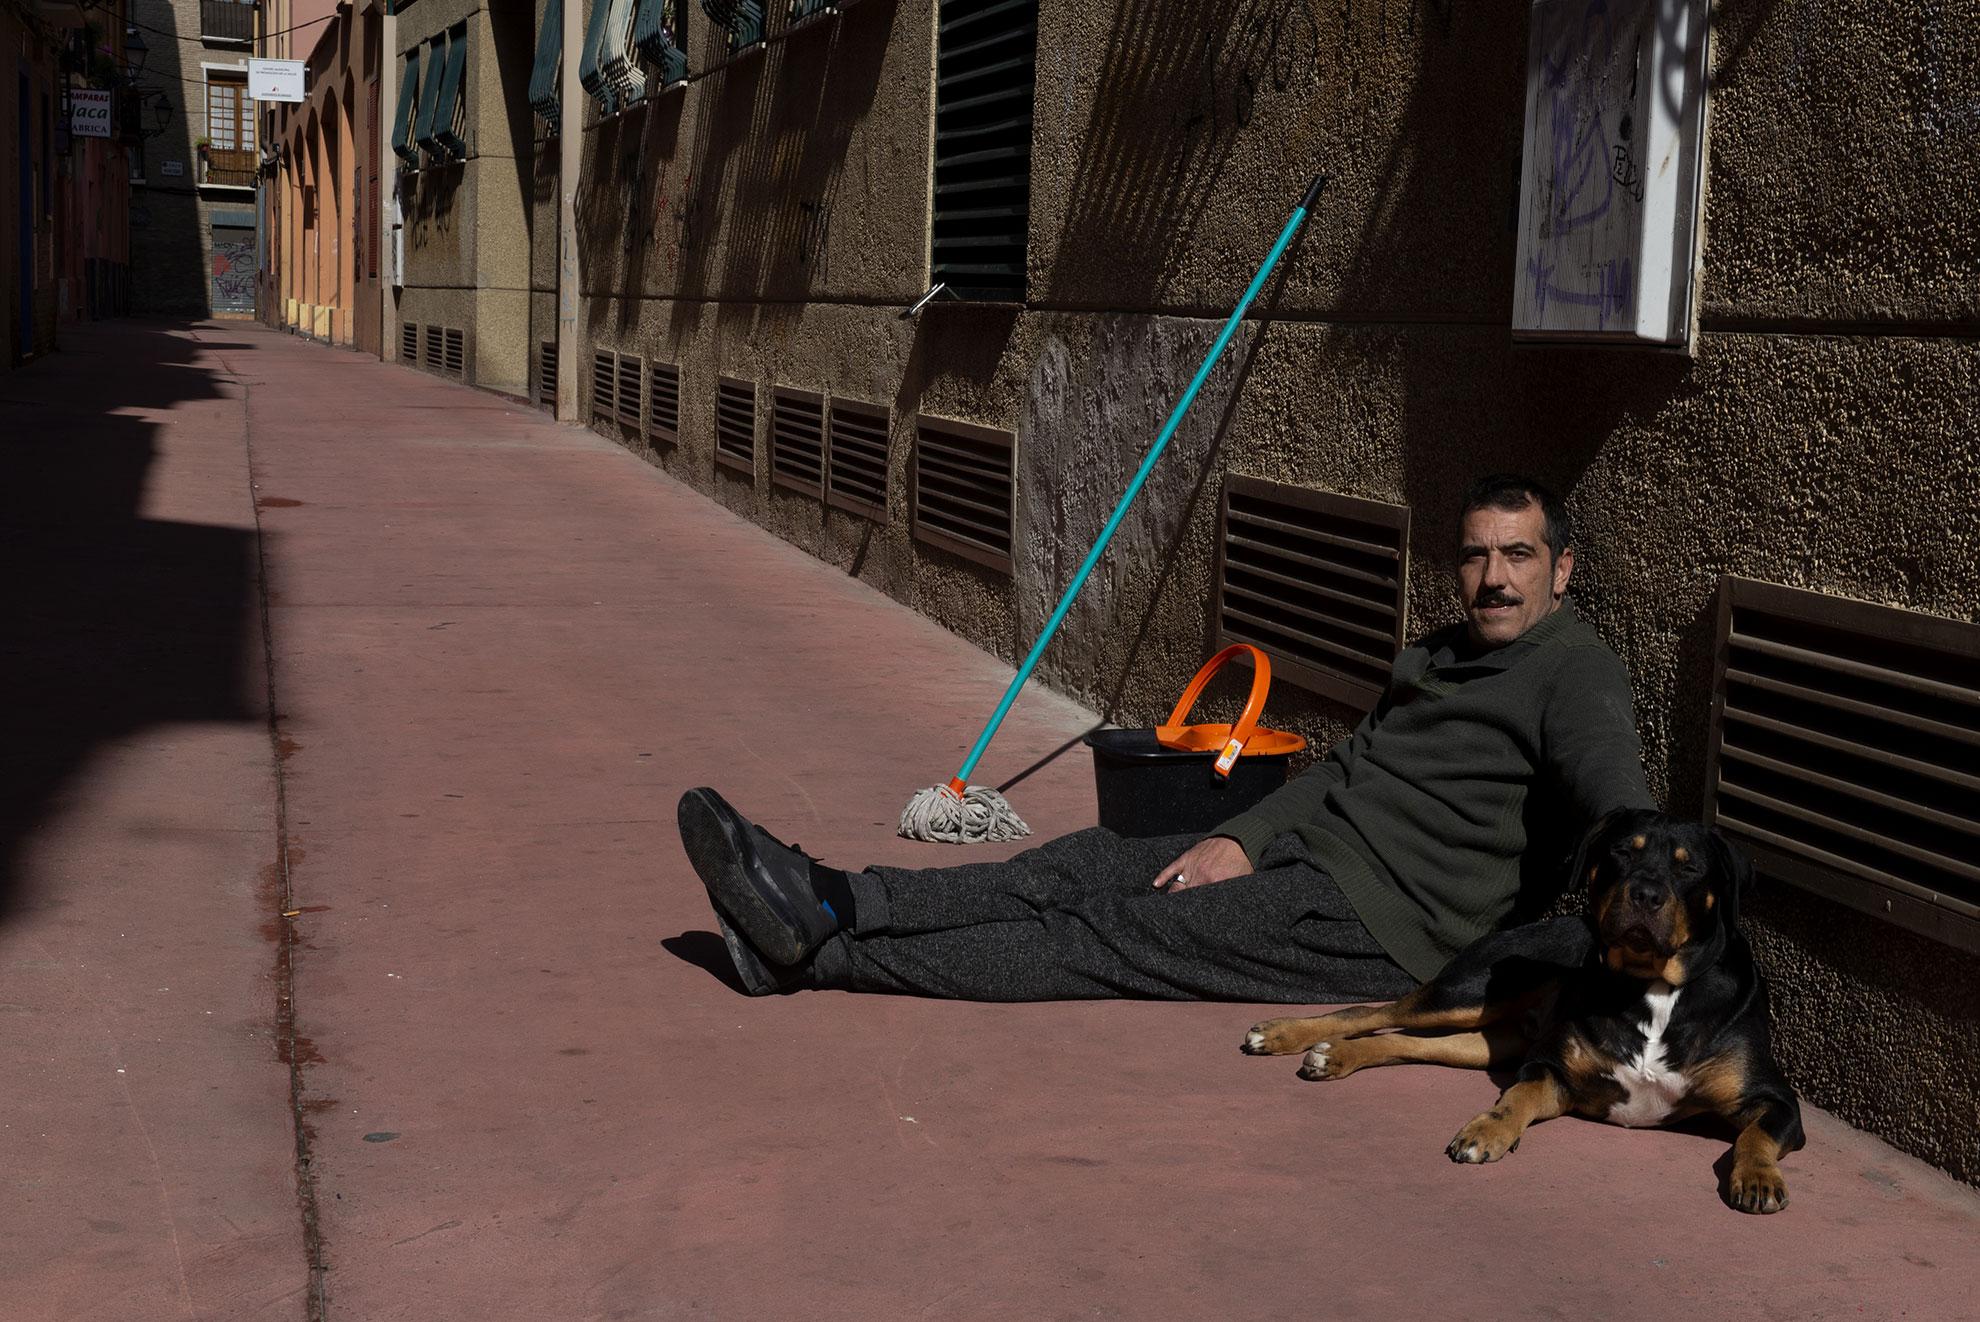 José Luis y su perro frente a la puerta de su casa después de haber limpiado las zonas comunes del edificio donde viven. Esperan a que se seque la escalera para volver a casa. Las comunidades de vecinos extreman las precauciones en la higiene de los edificios para protegerse de contagios.